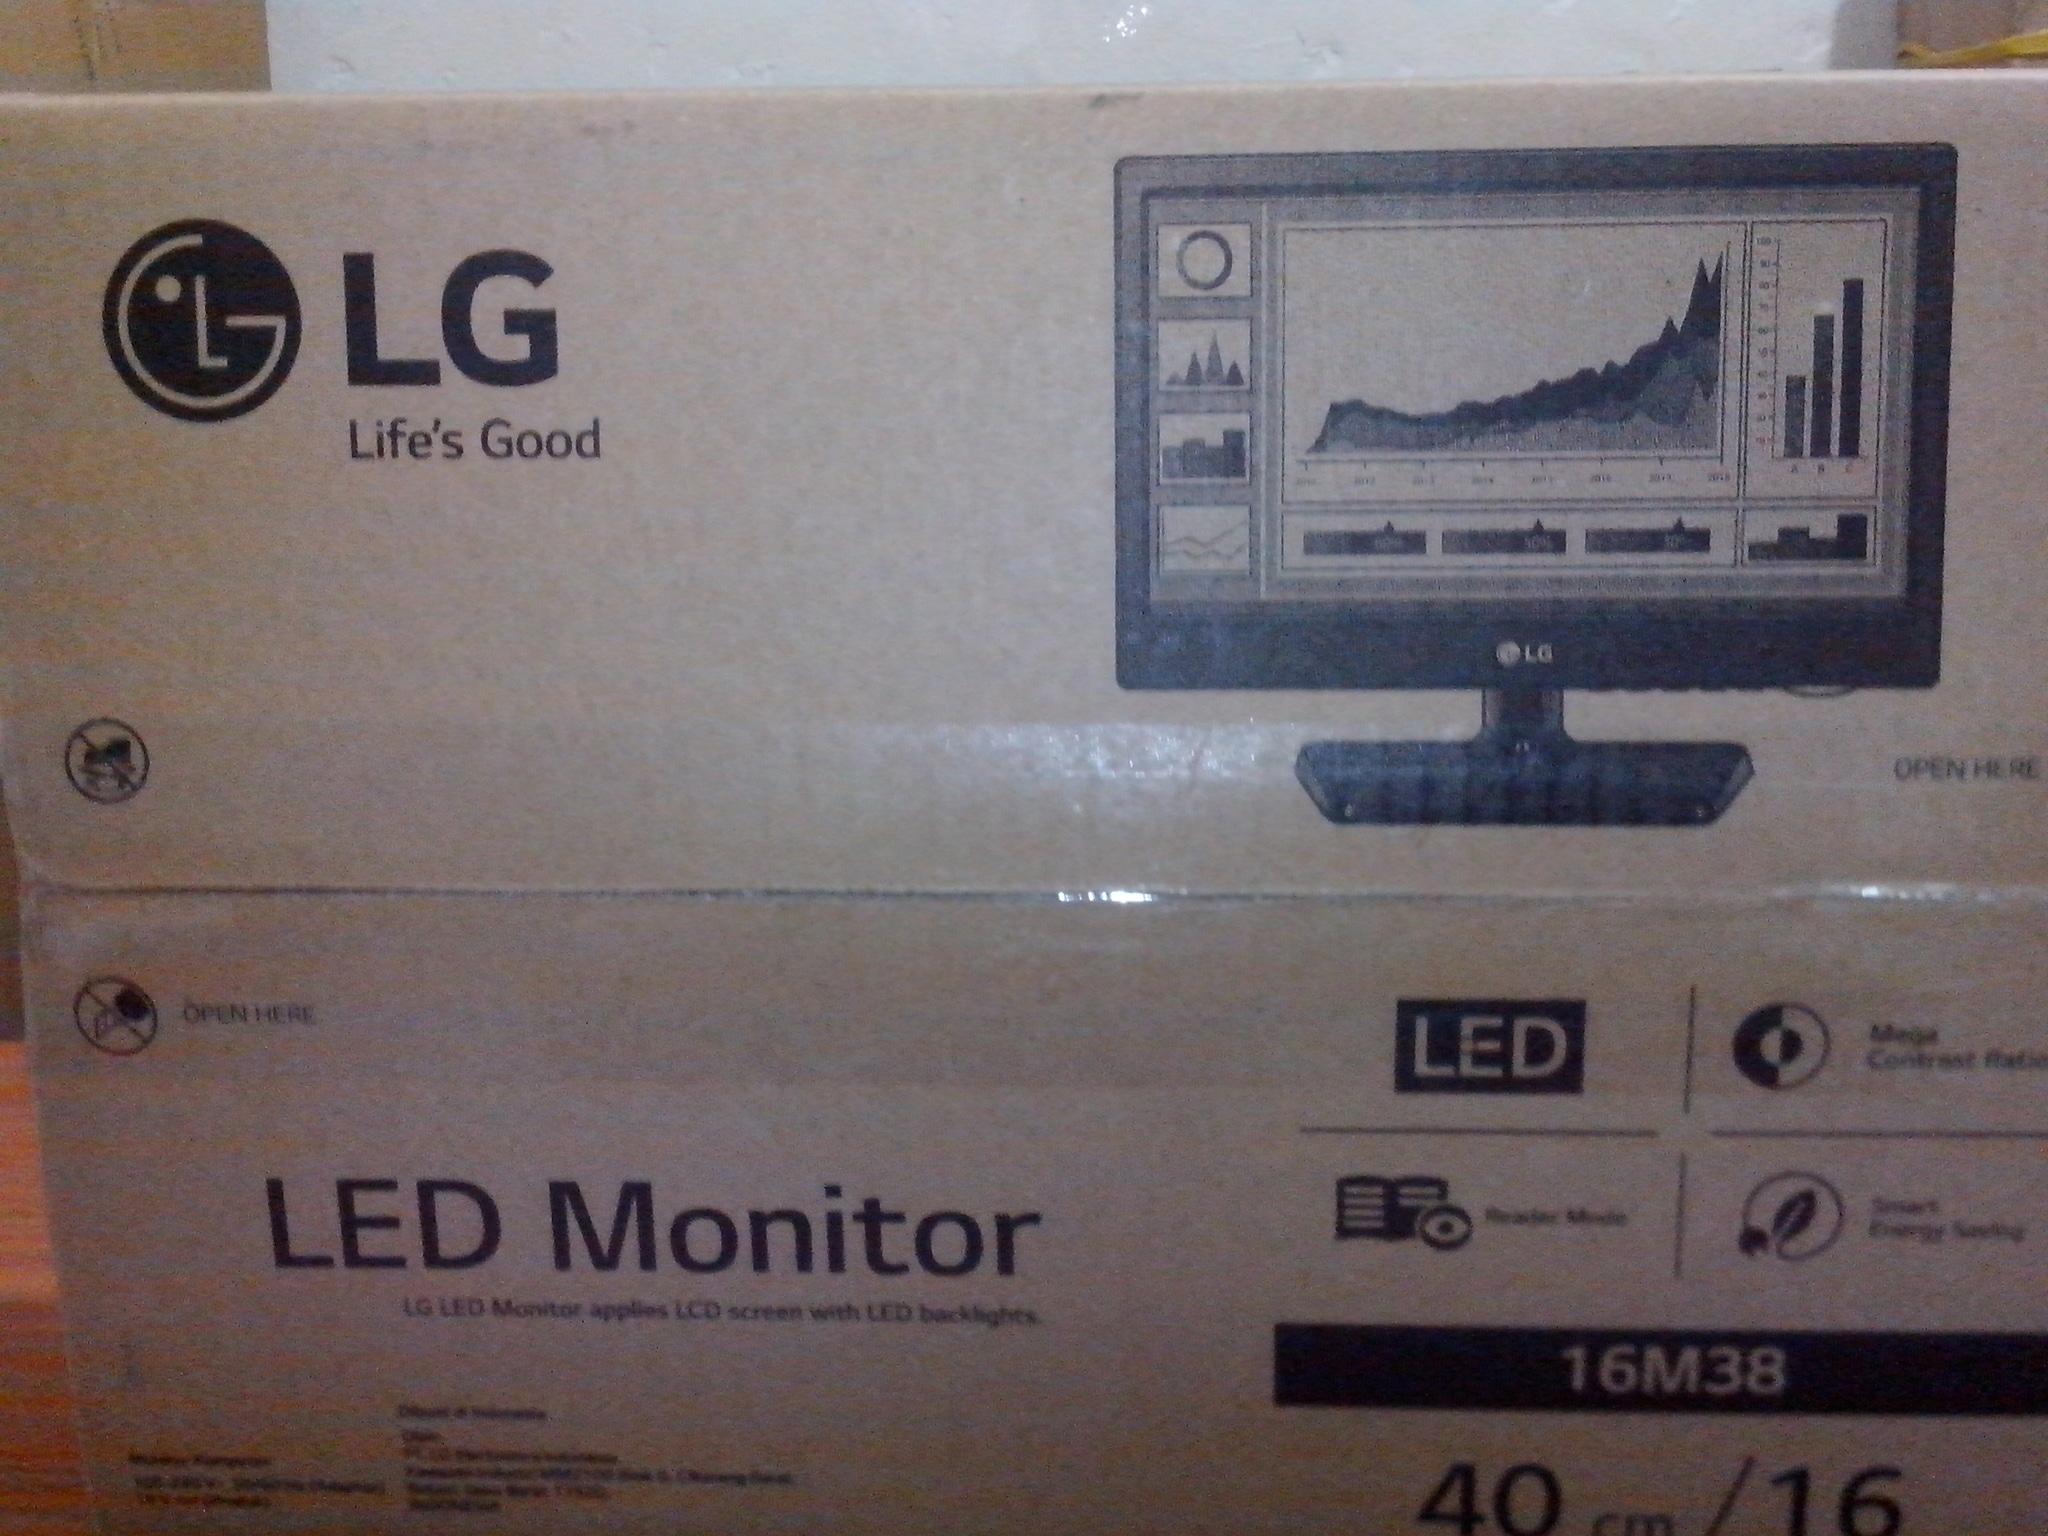 Jual Beli Led Tv Monitor Lg 24mt48af Cocok Untuk Samsung 24h4150 24 Khusus Jabodetabek Update 16inch